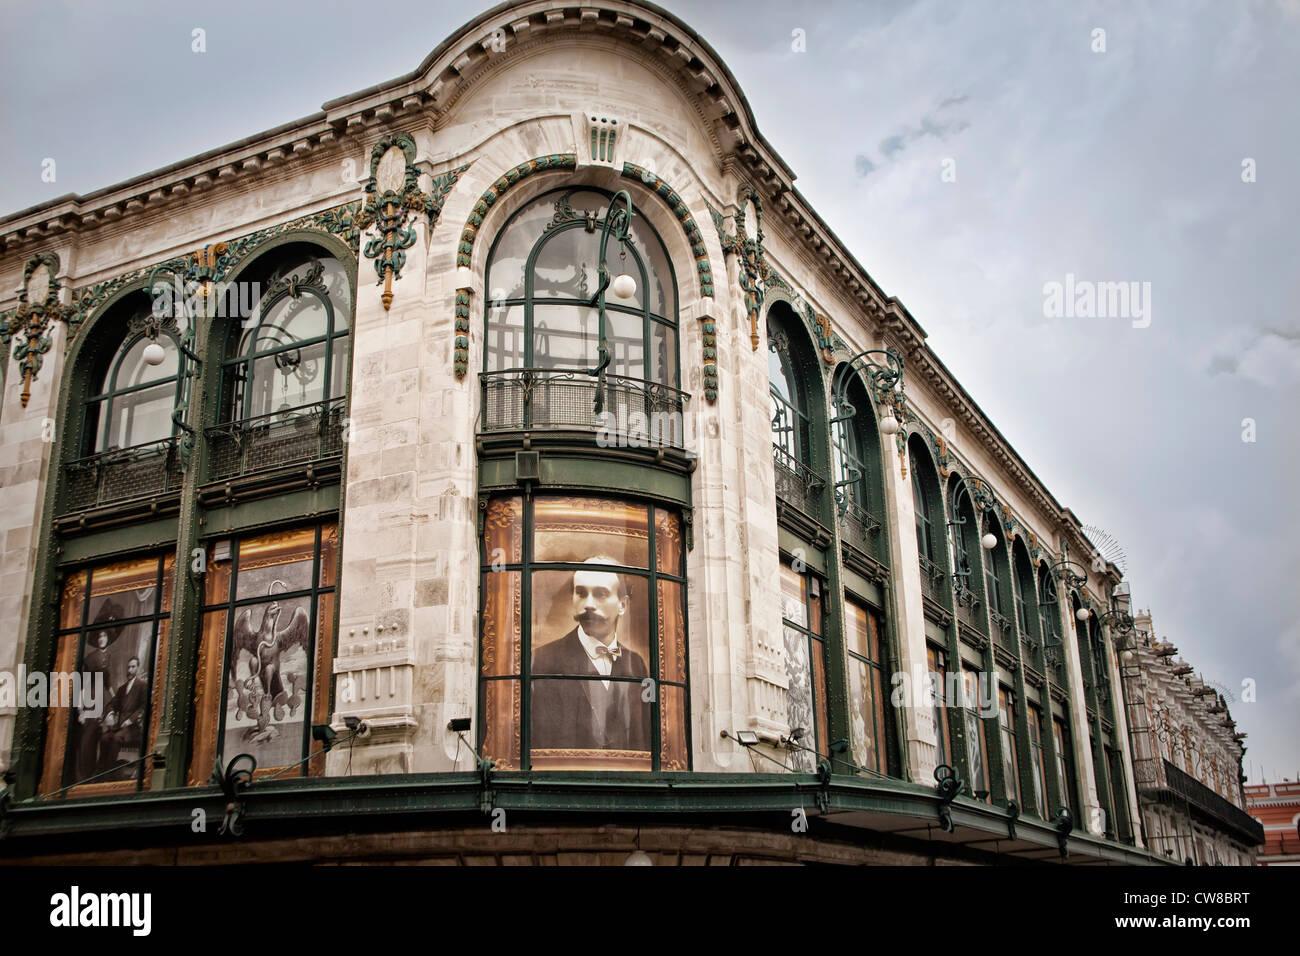 Architettura nel centro cittadino di Puebla, Messico Immagini Stock